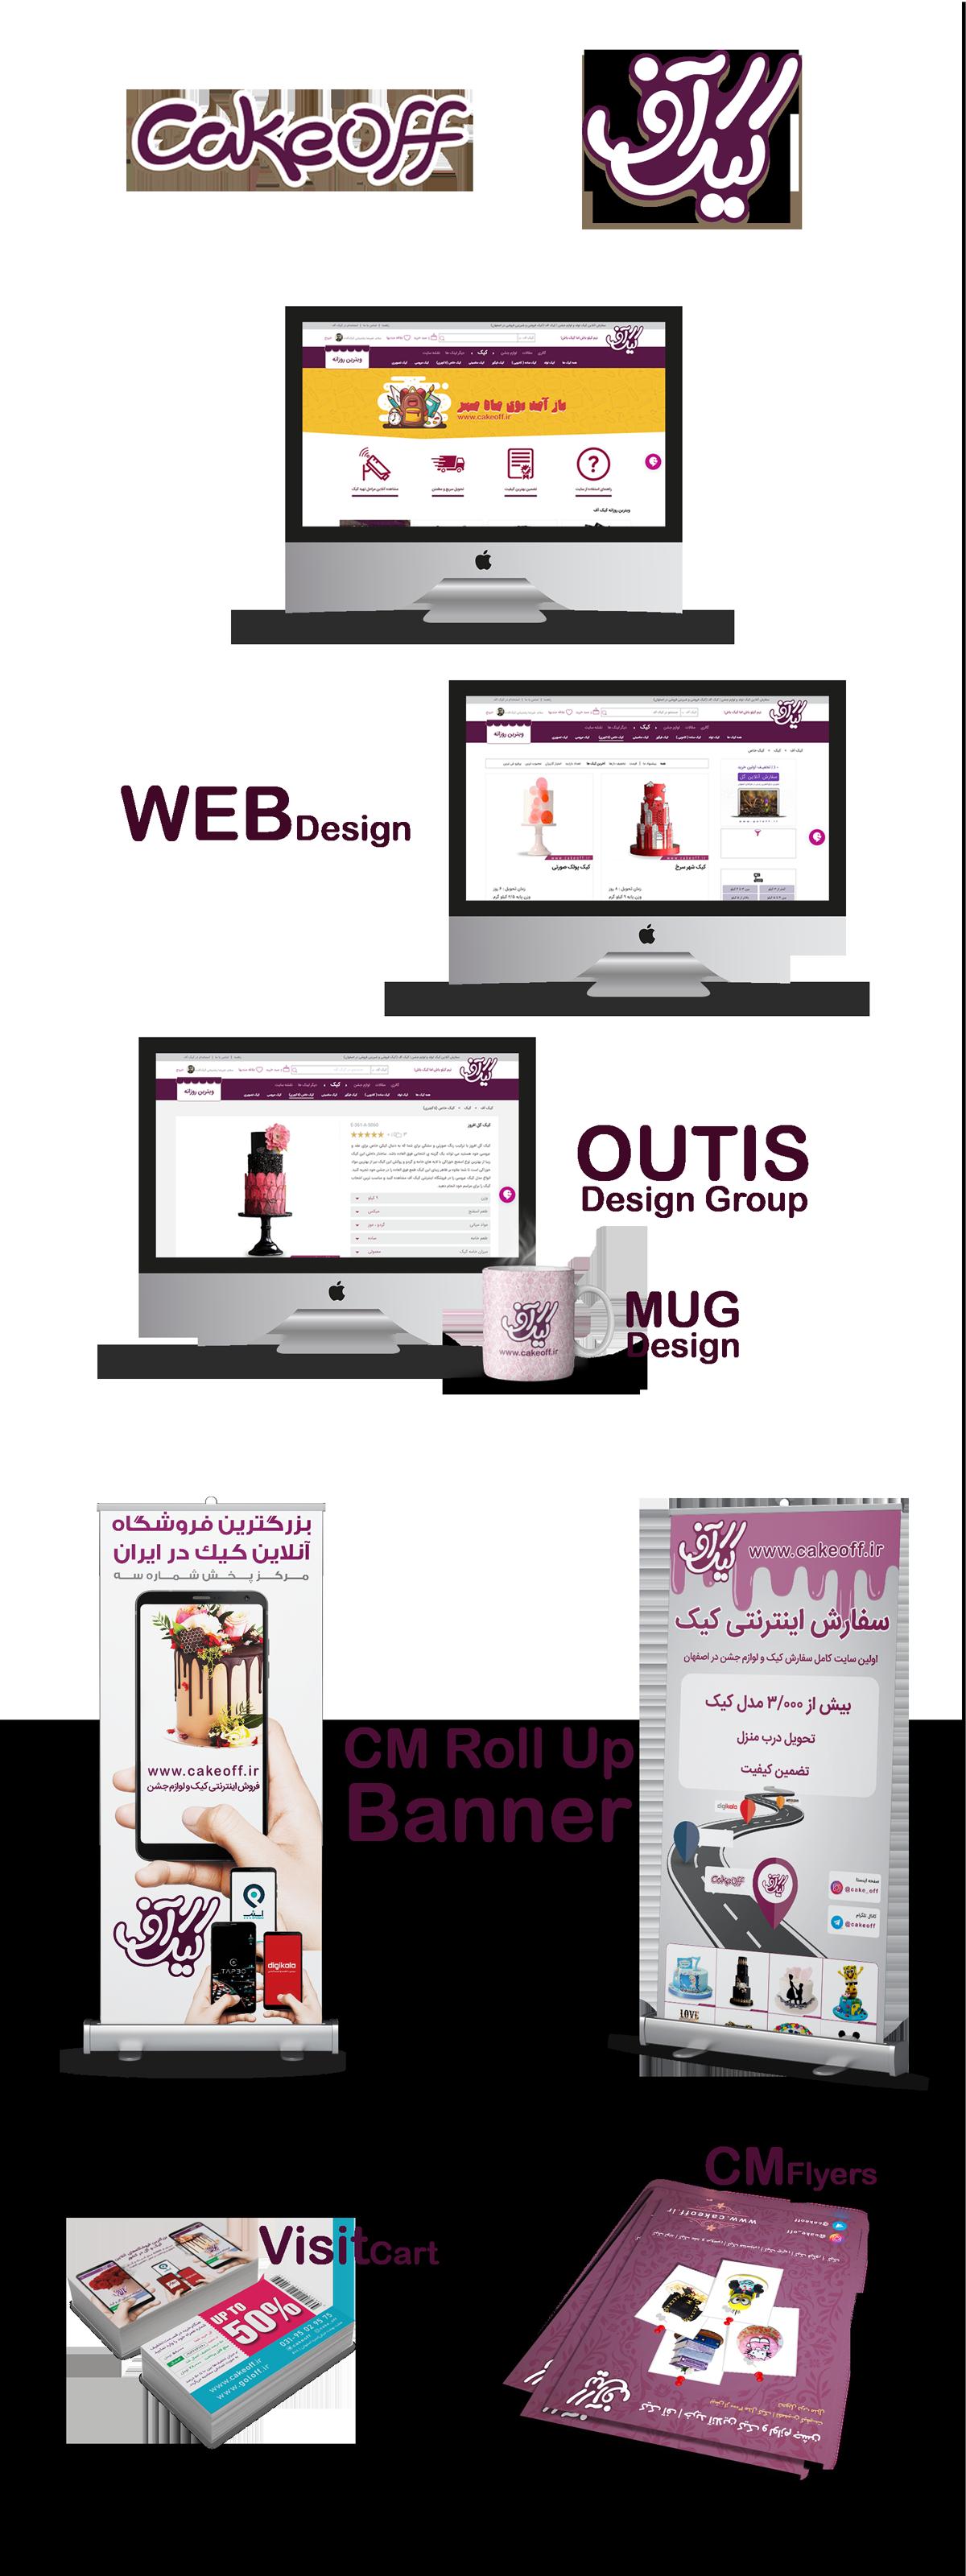 طراحی برندینگ وب سایت کیک آف